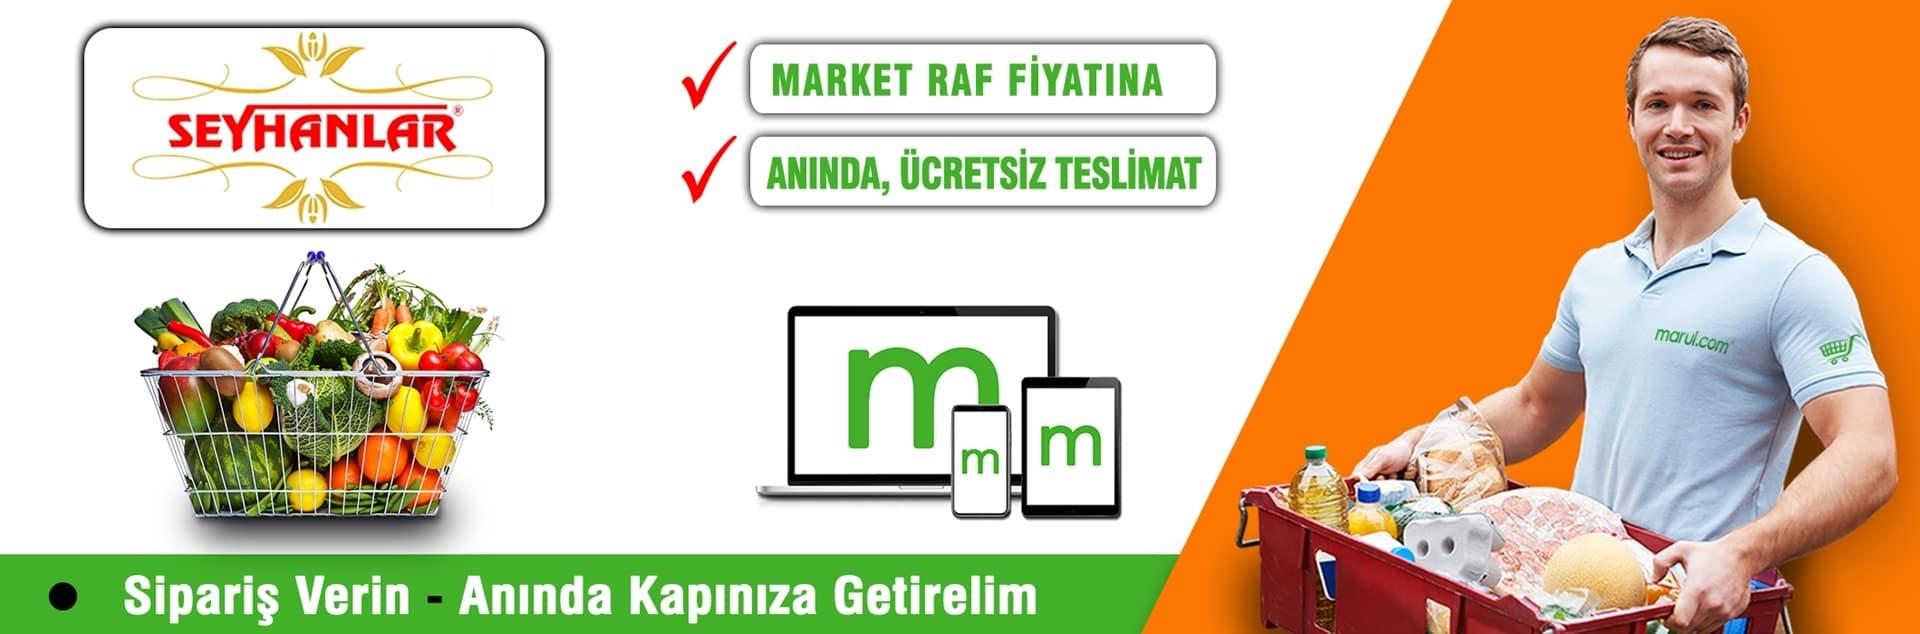 seyhanlar market sondurak şubesi online market alışverişi